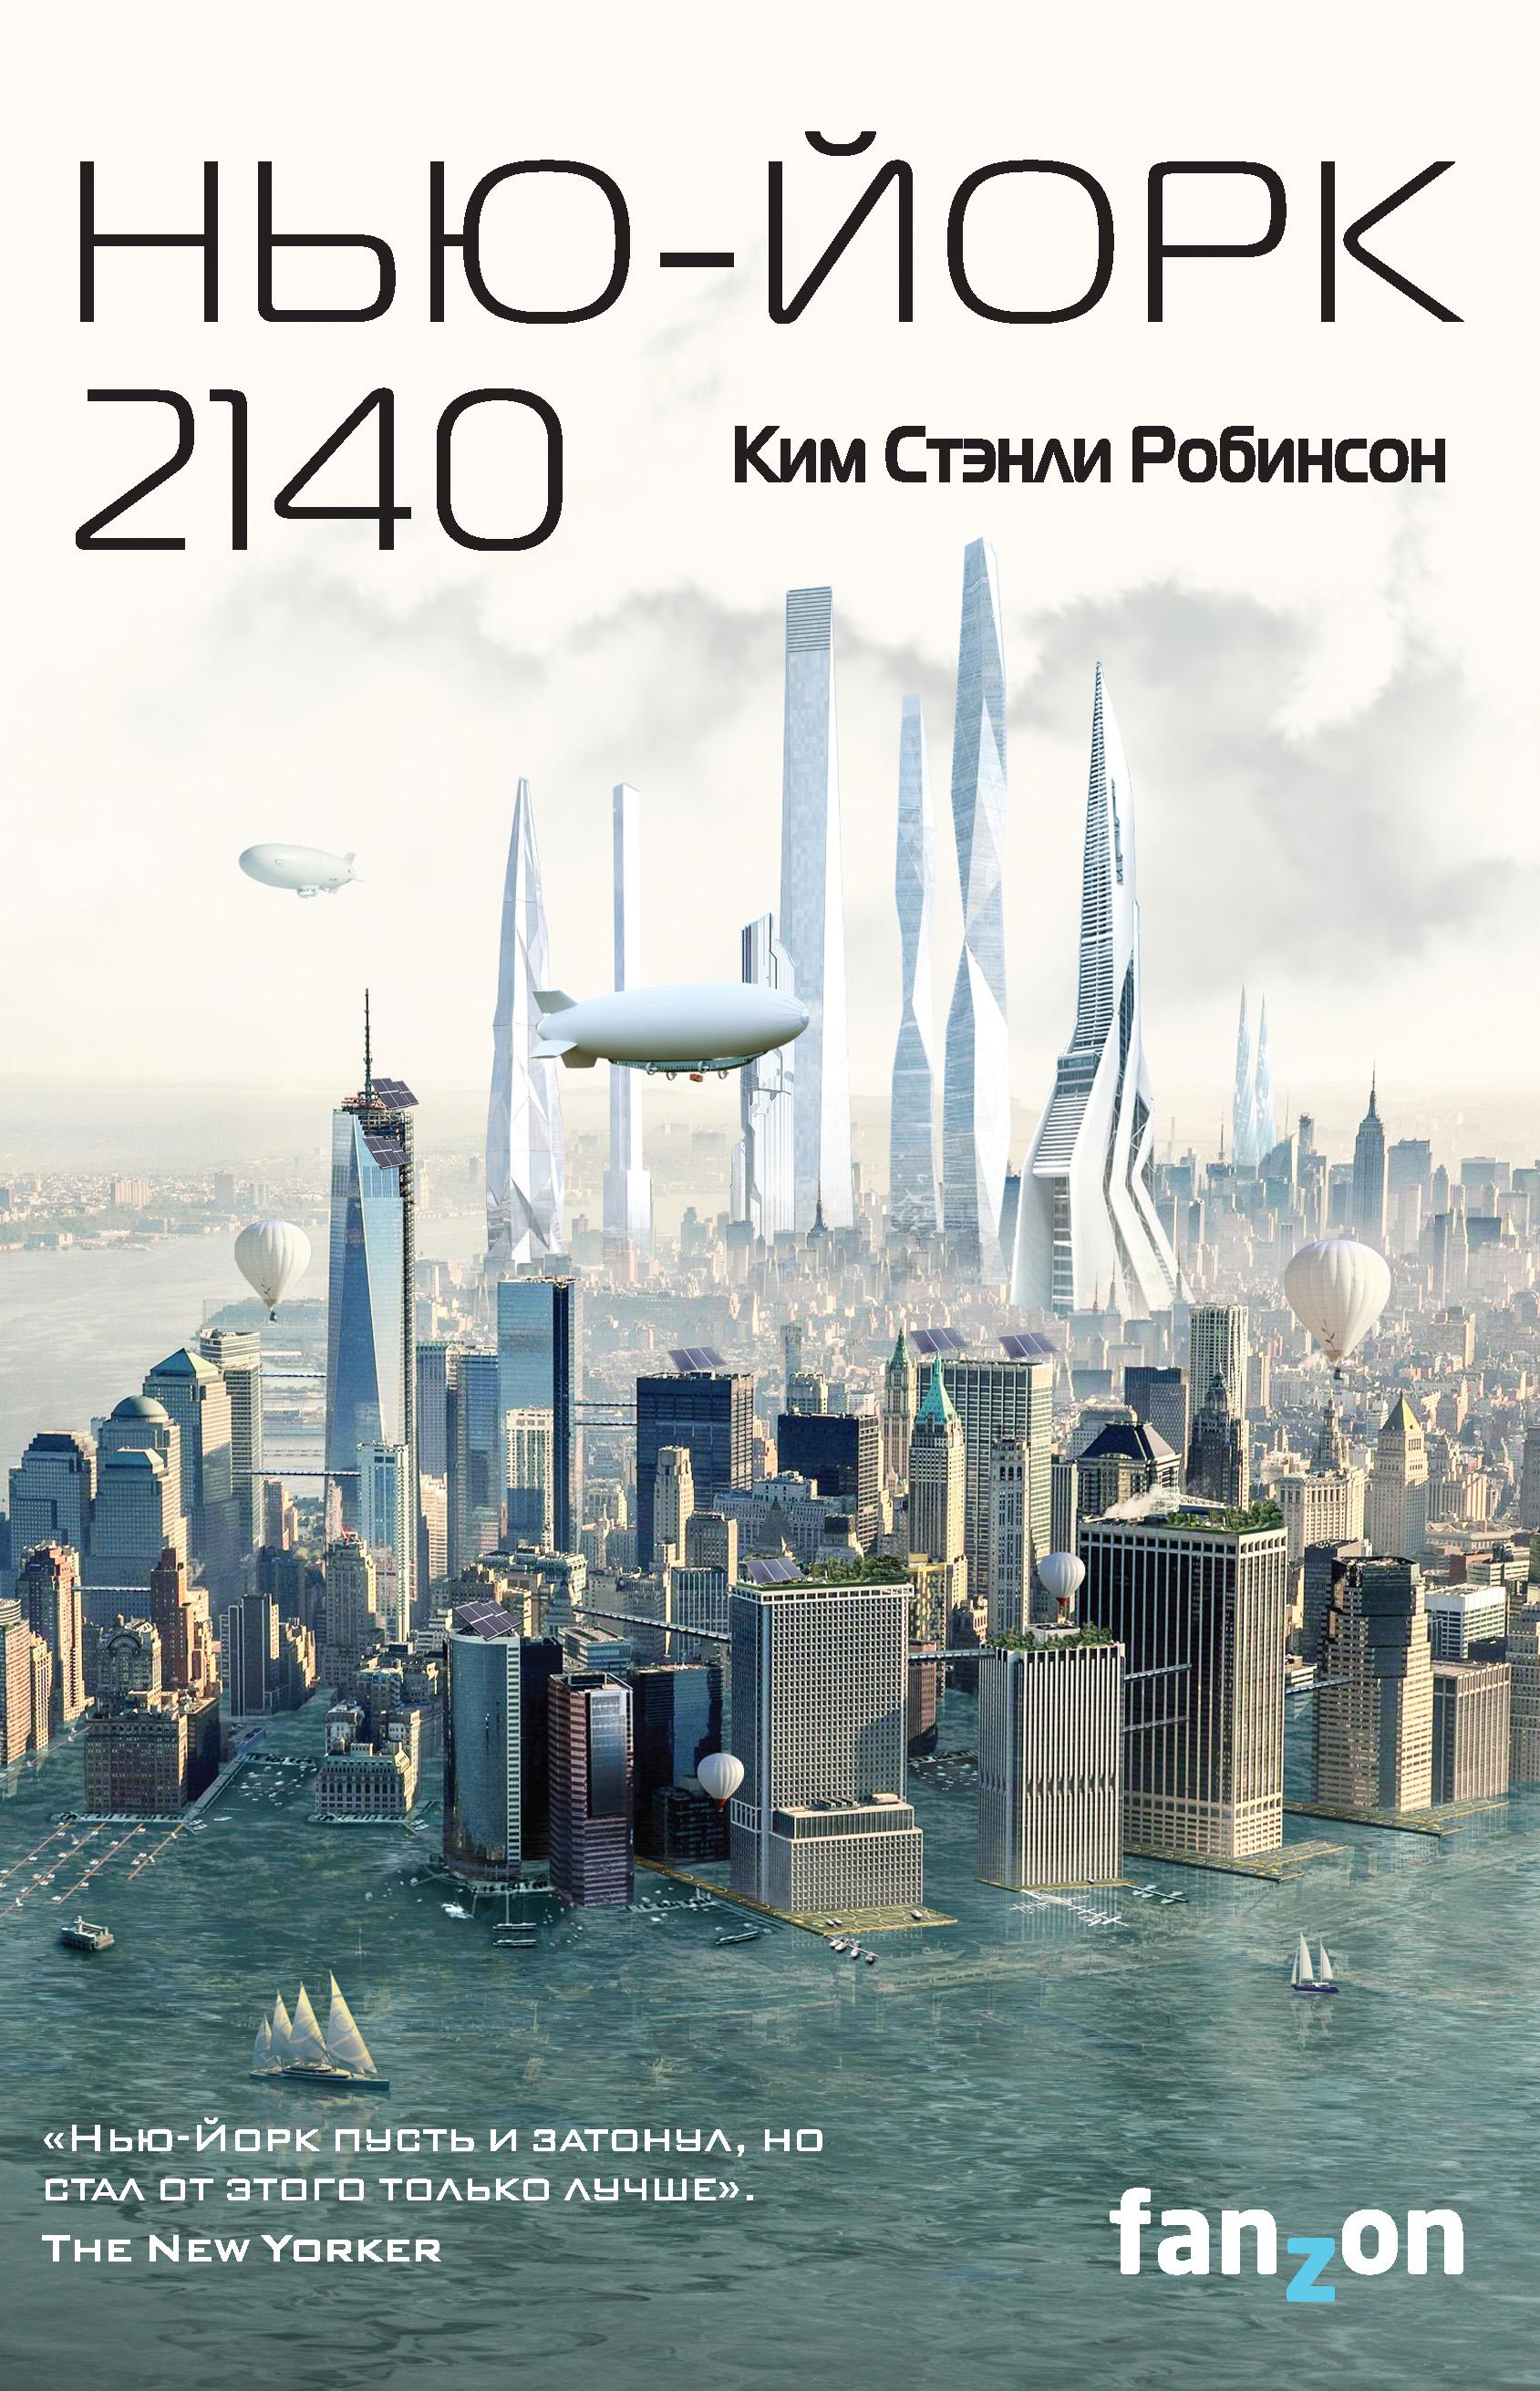 Купить книгу Нью-Йорк 2140, автора Кима Стэнли Робинсона